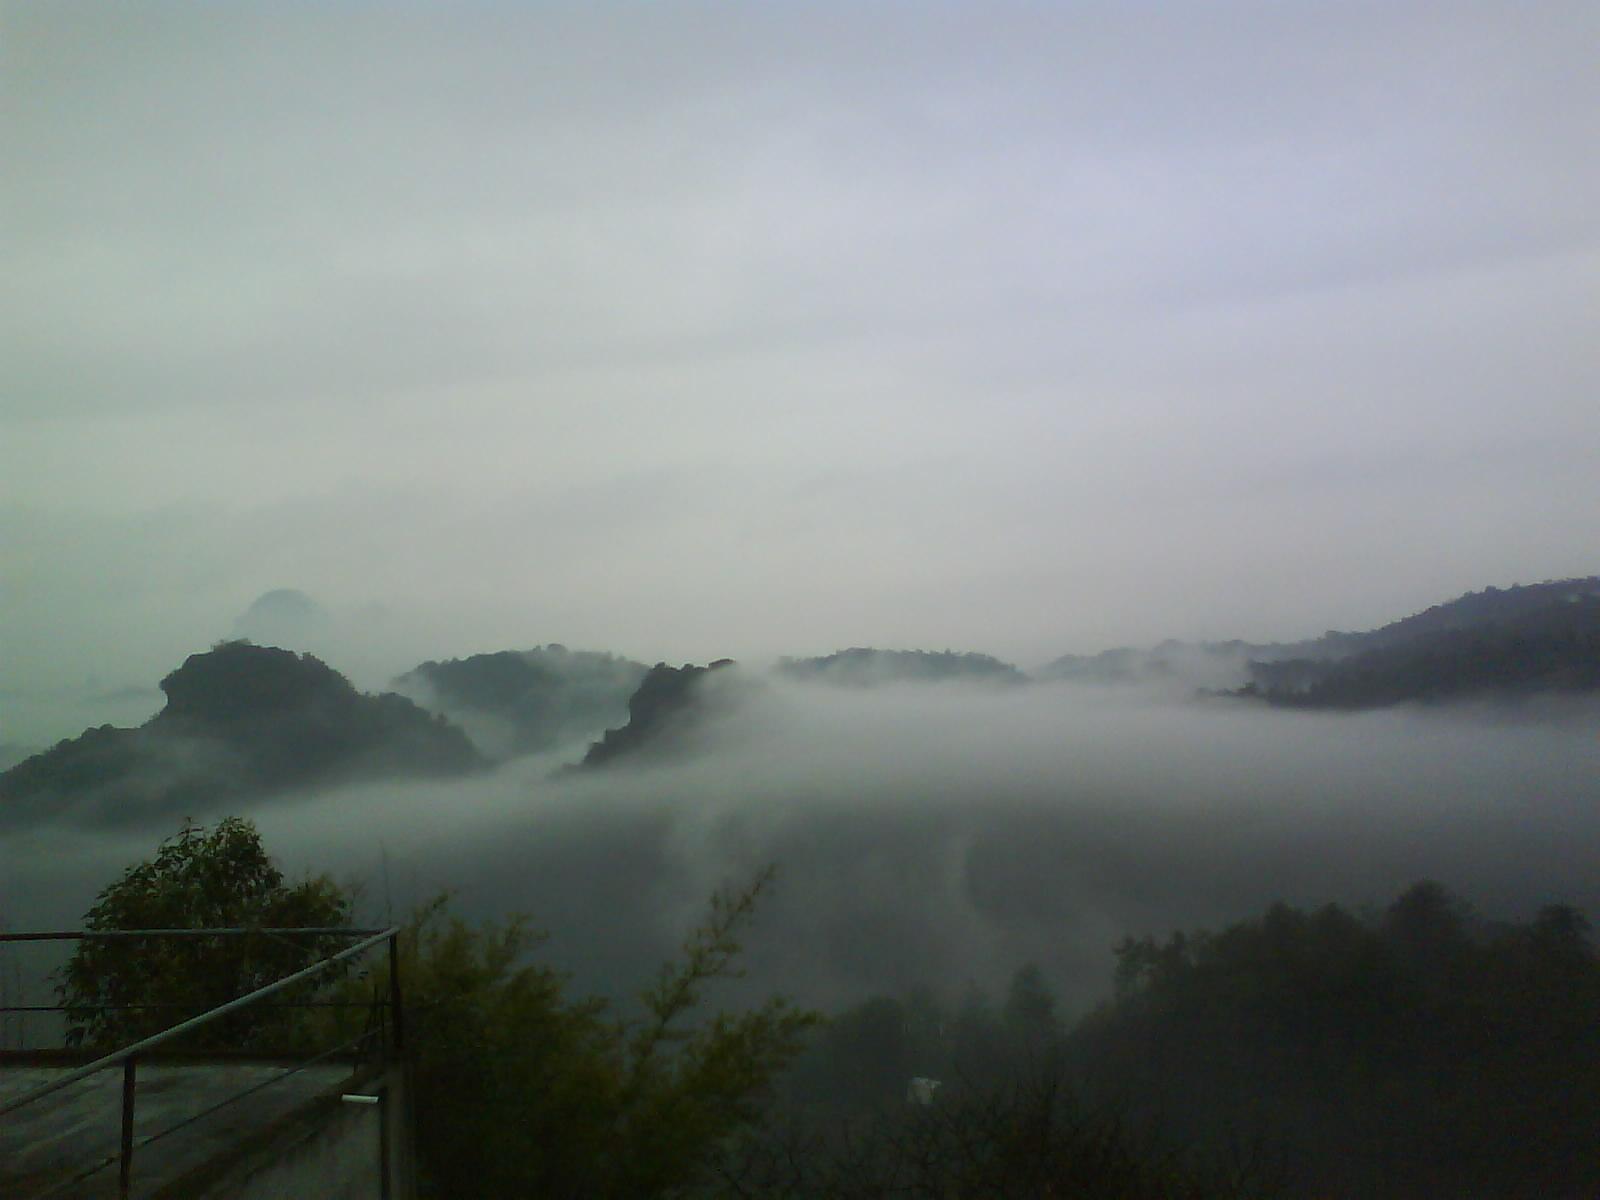 广州到潢川火车风景